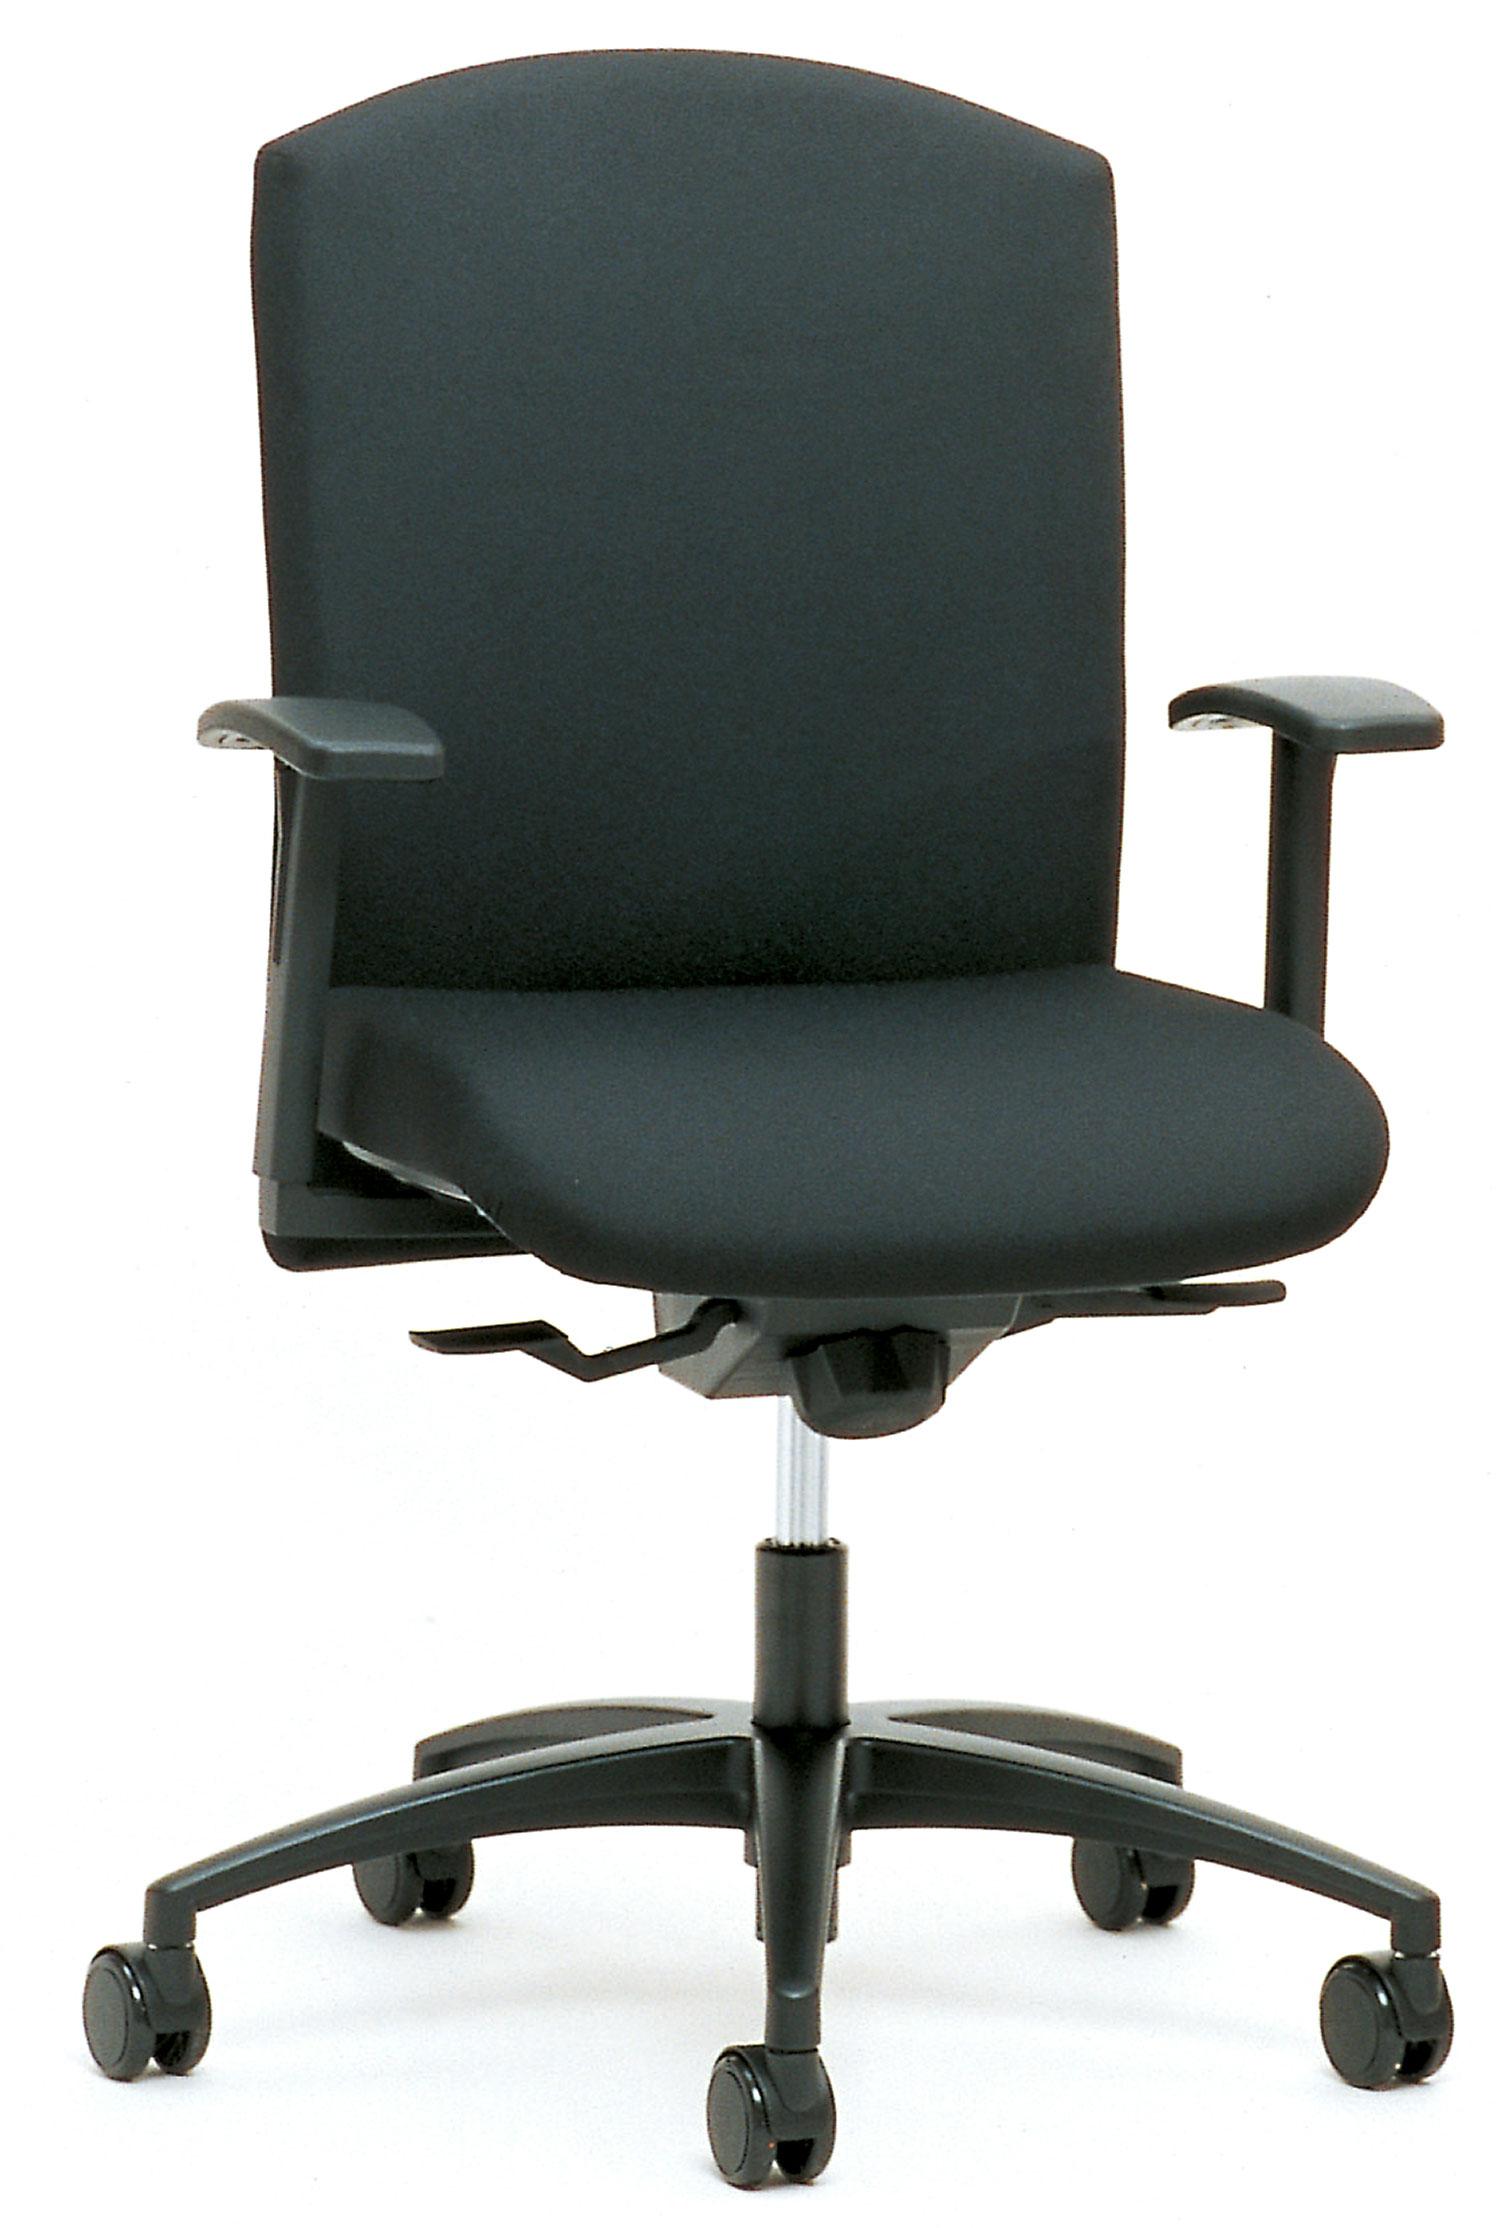 Drehstühle und Bürostühle Hamburg, gesund Sitzen im Büro | BK